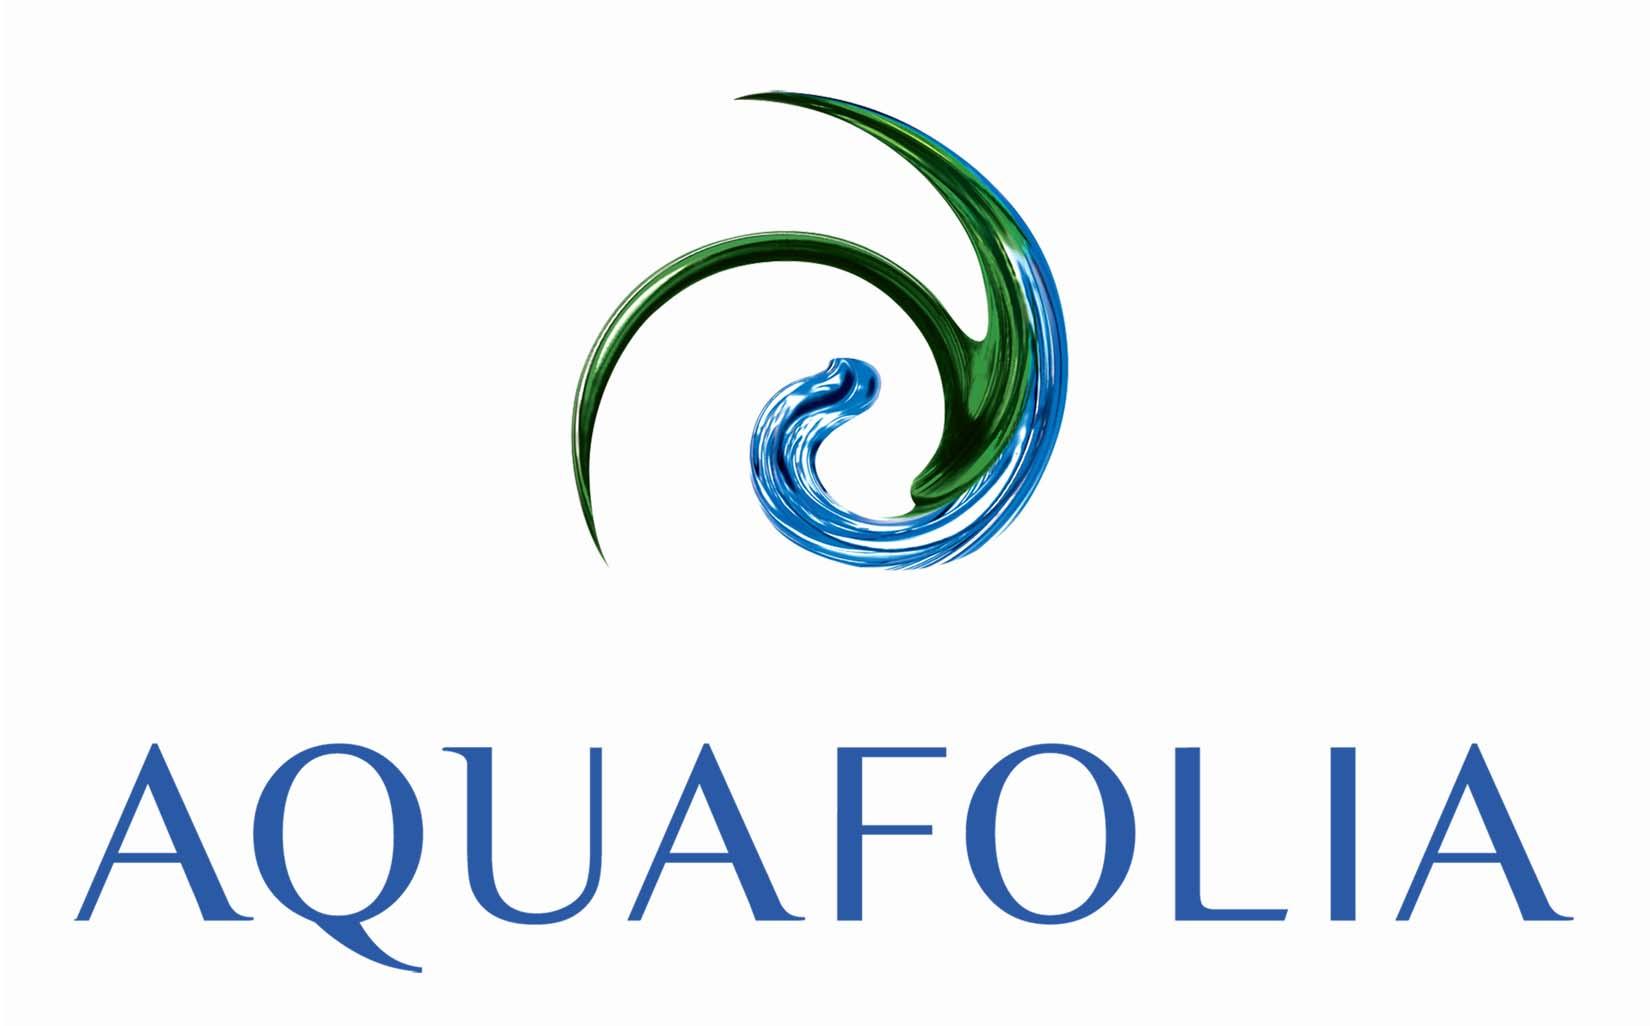 Aquafolia_logo